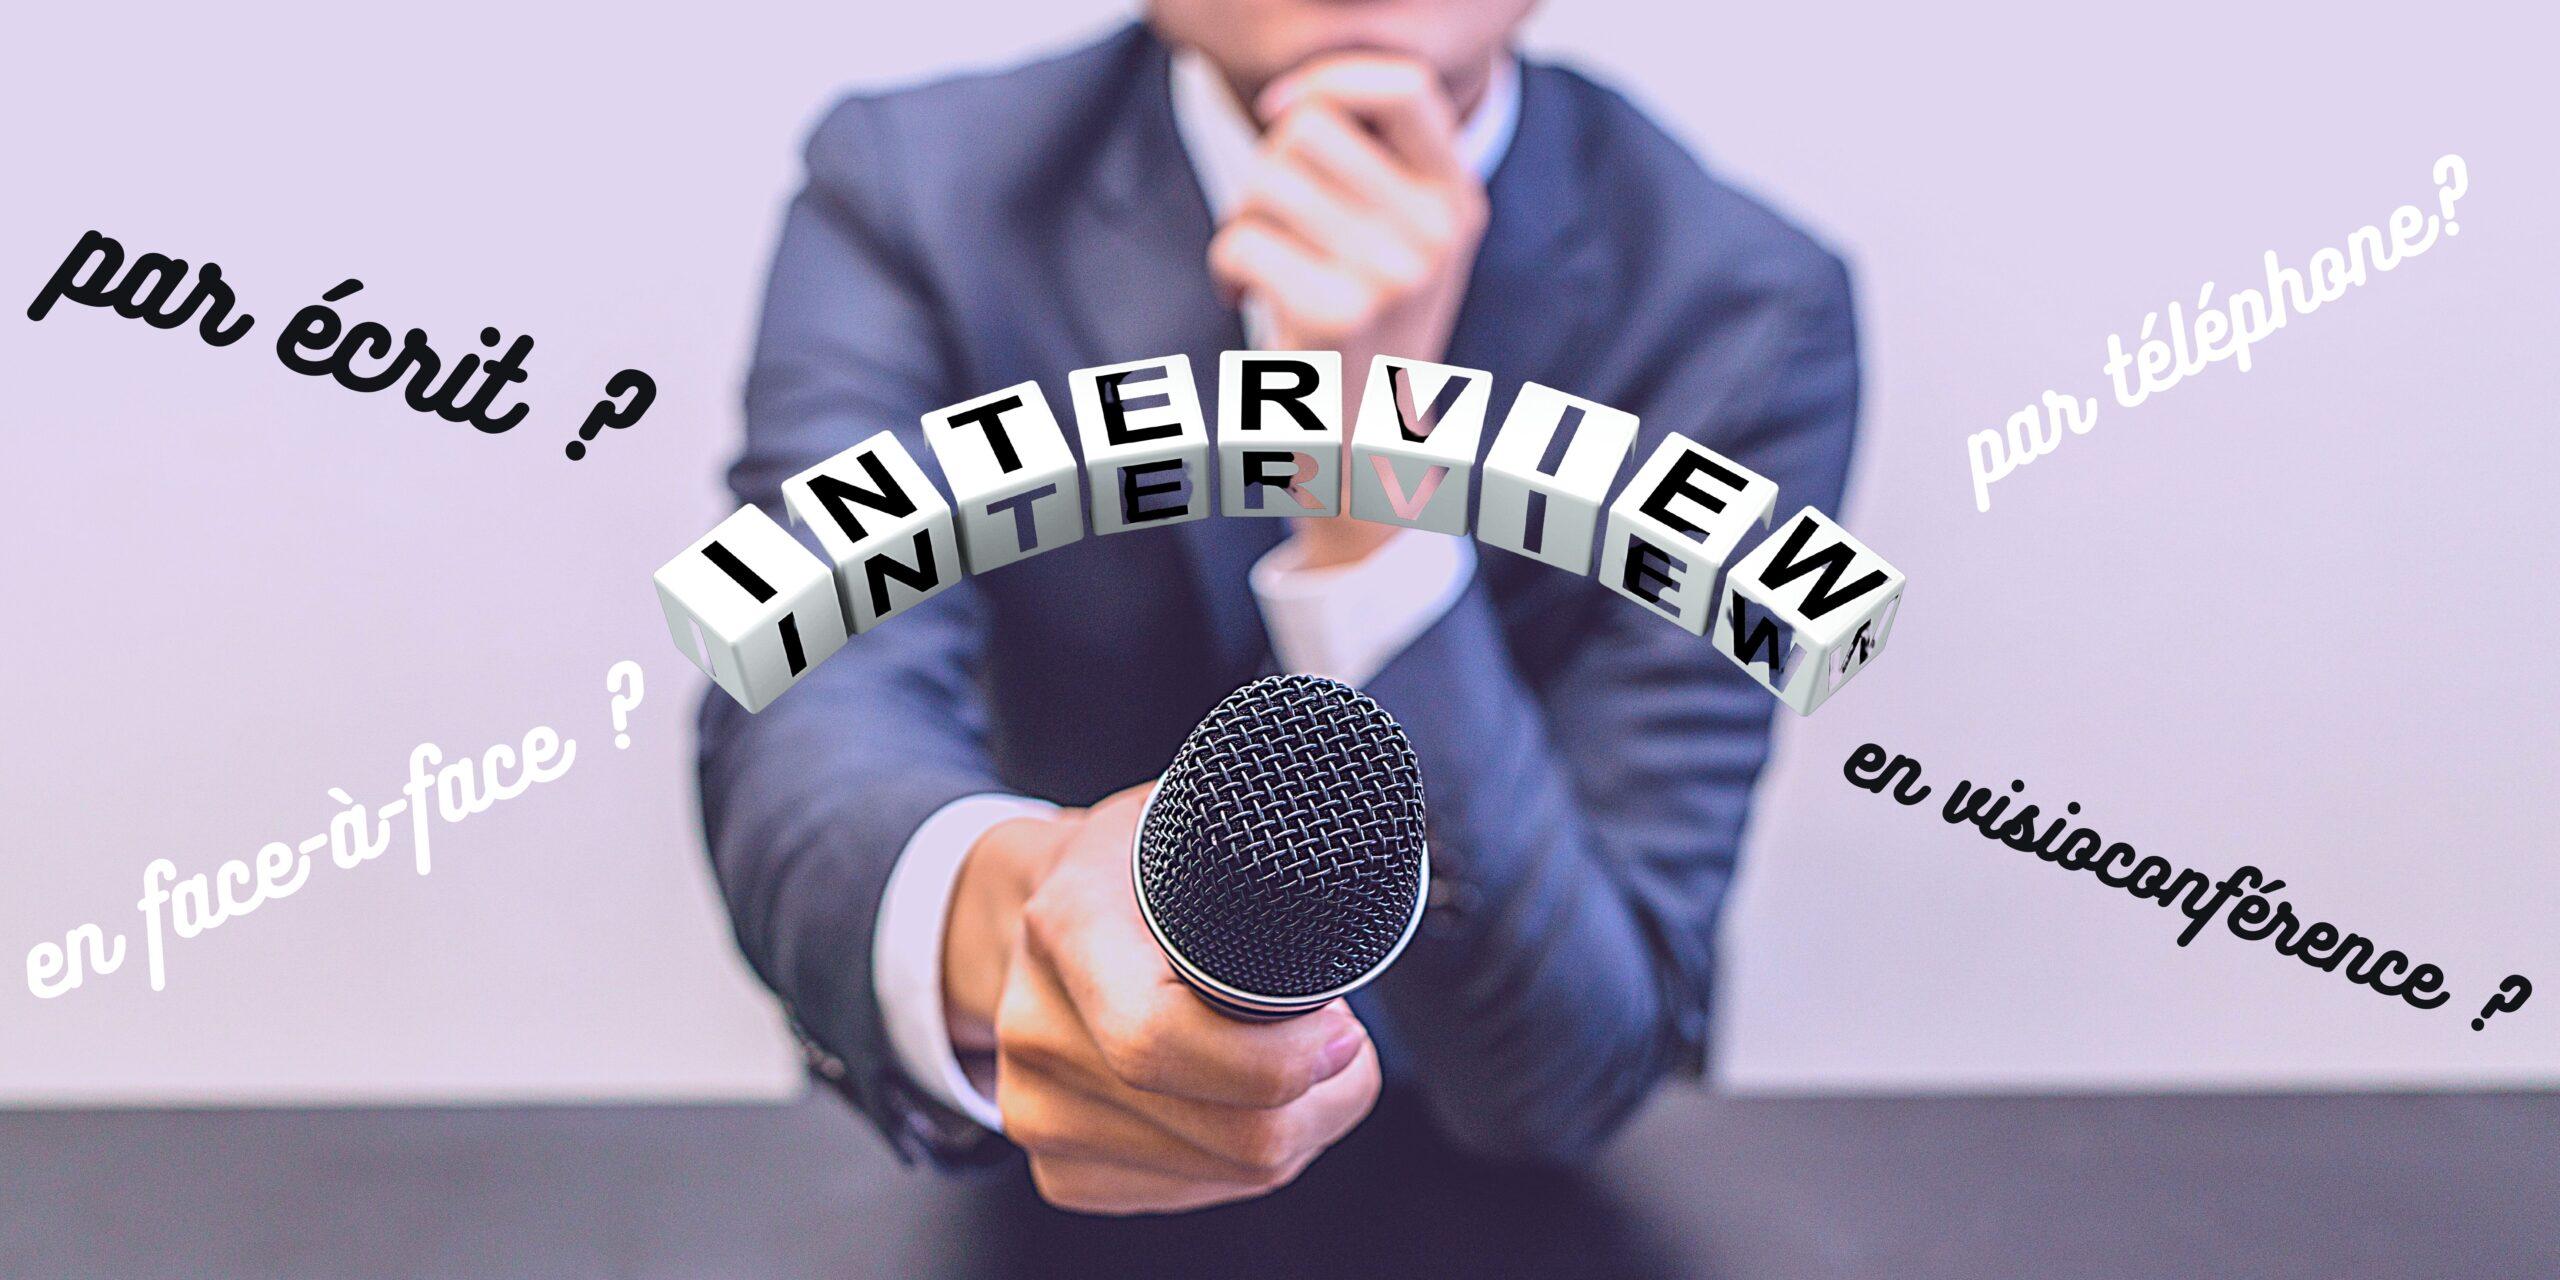 Les interviews écrites vont-elles remplacer les autres types d'interviews ?